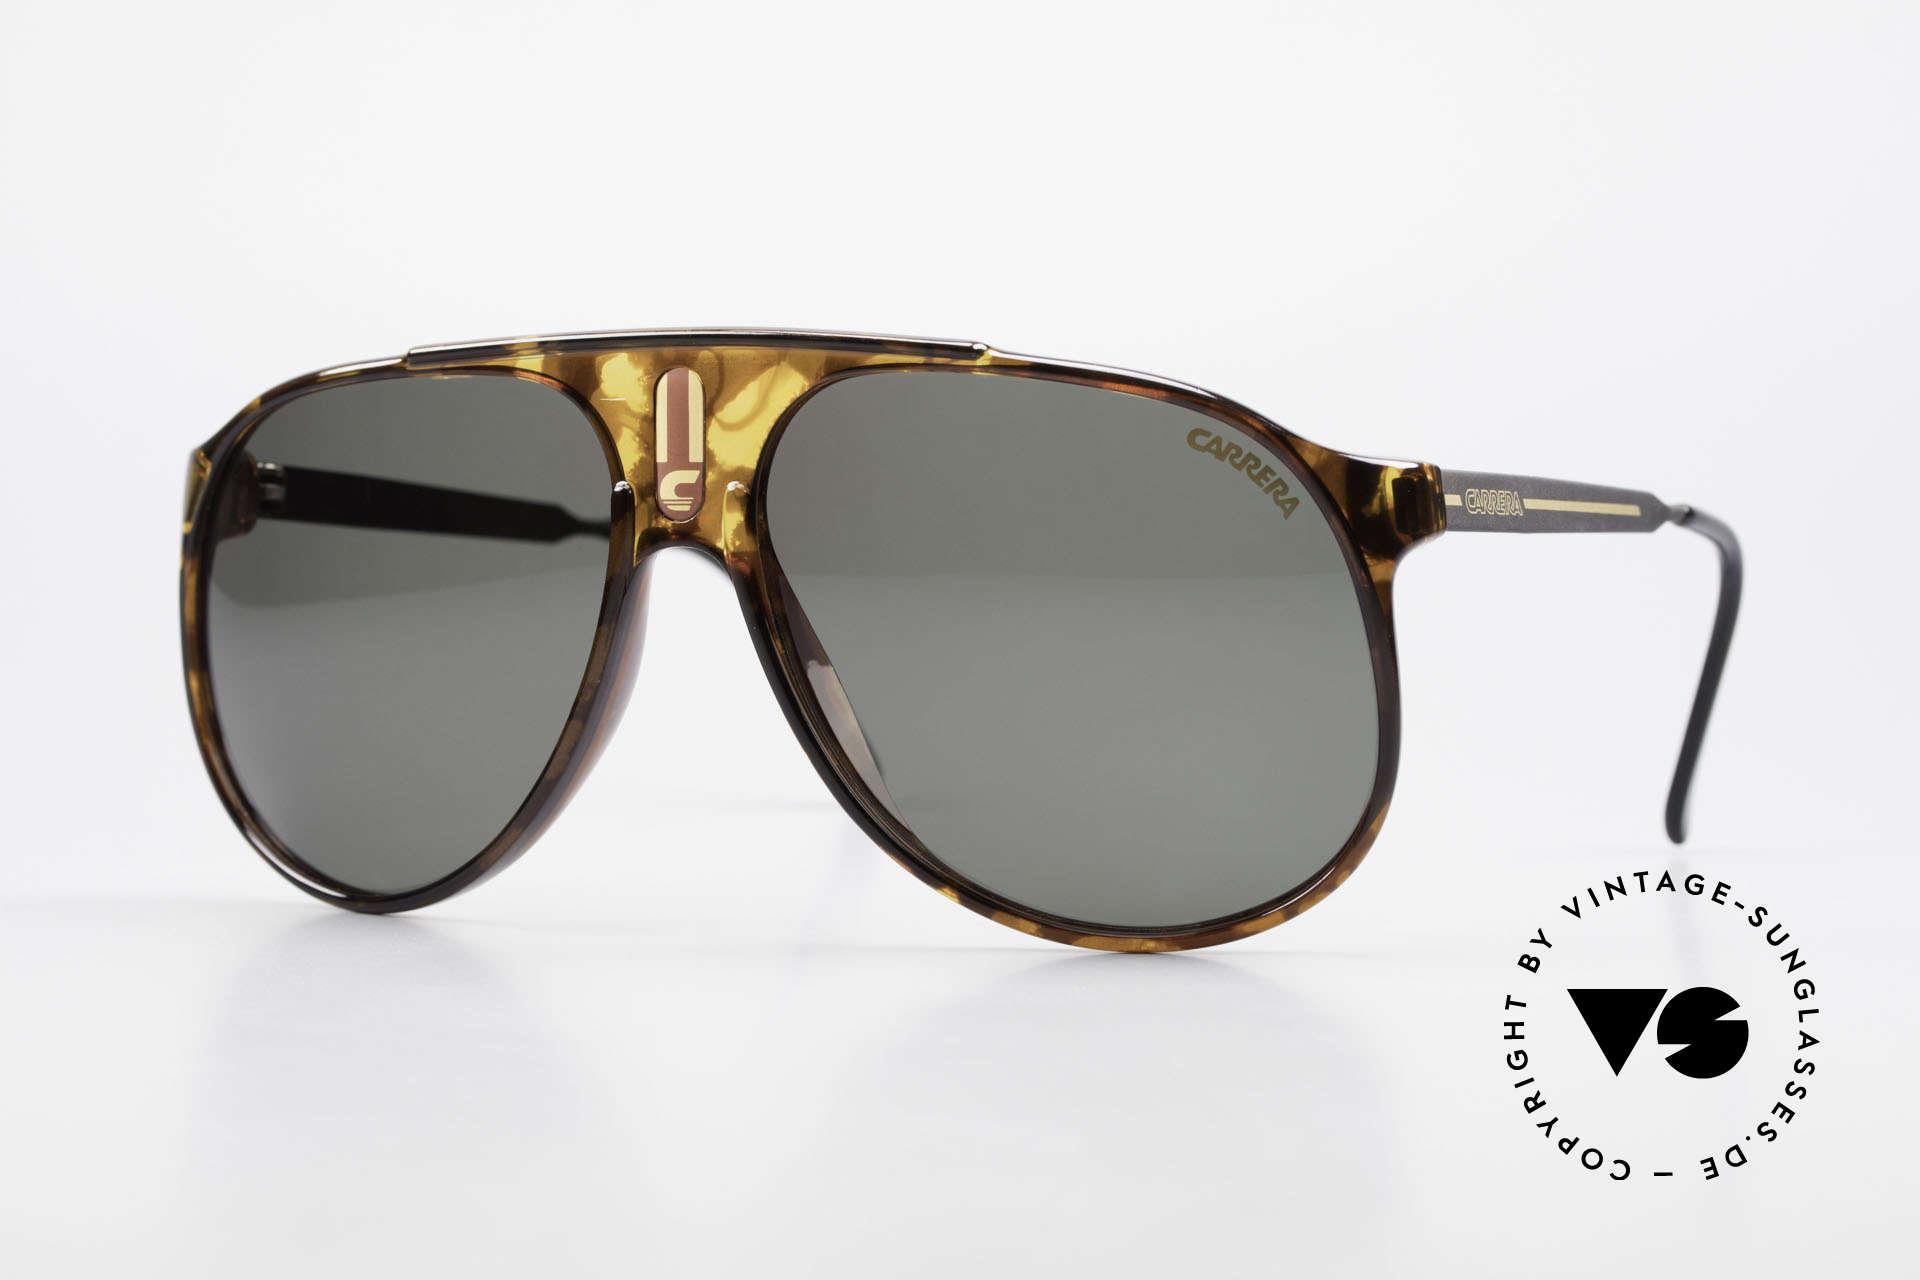 Carrera 5424 80er Aviator Sportsonnenbrille, alte 80er original Sportsonnenbrille von Carrera, Passend für Herren